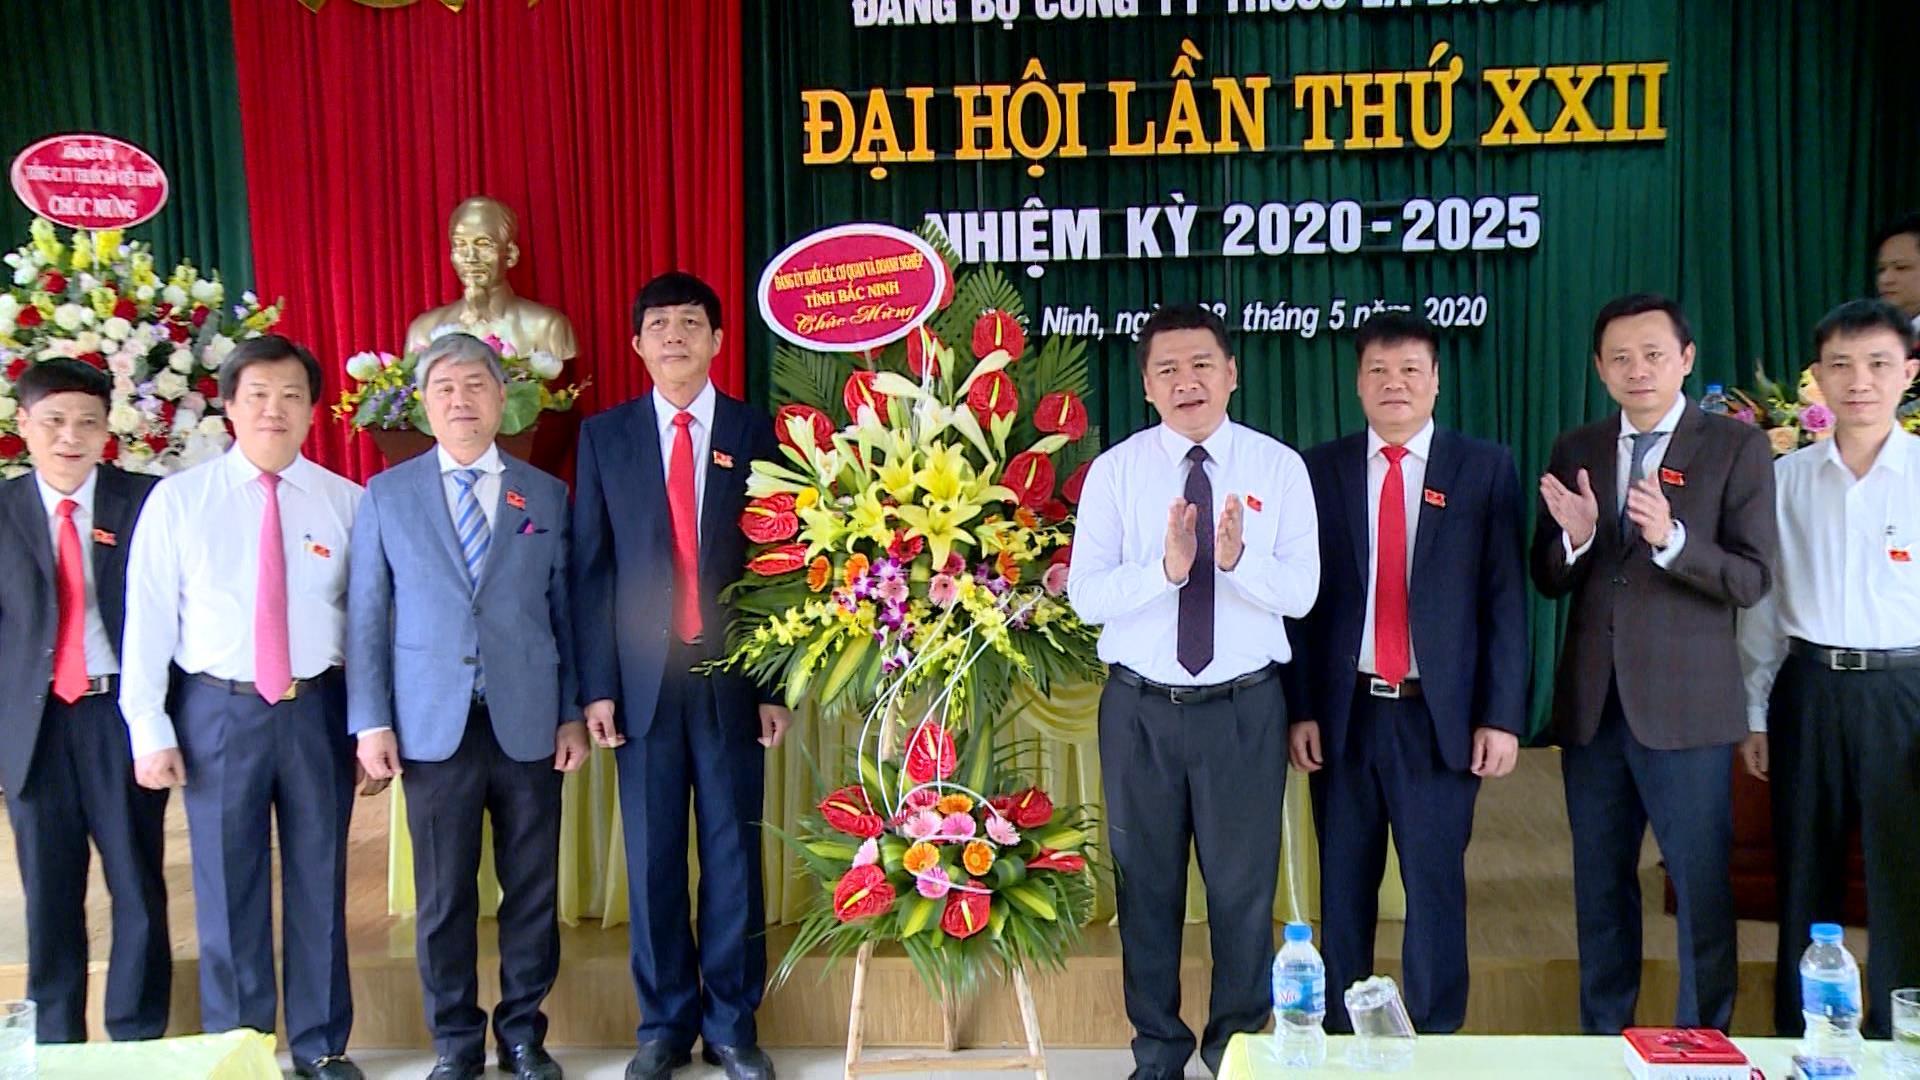 Đại hội Đảng bộ Công ty Thuốc lá Bắc Sơn, nhiệm kỳ 2020-2025